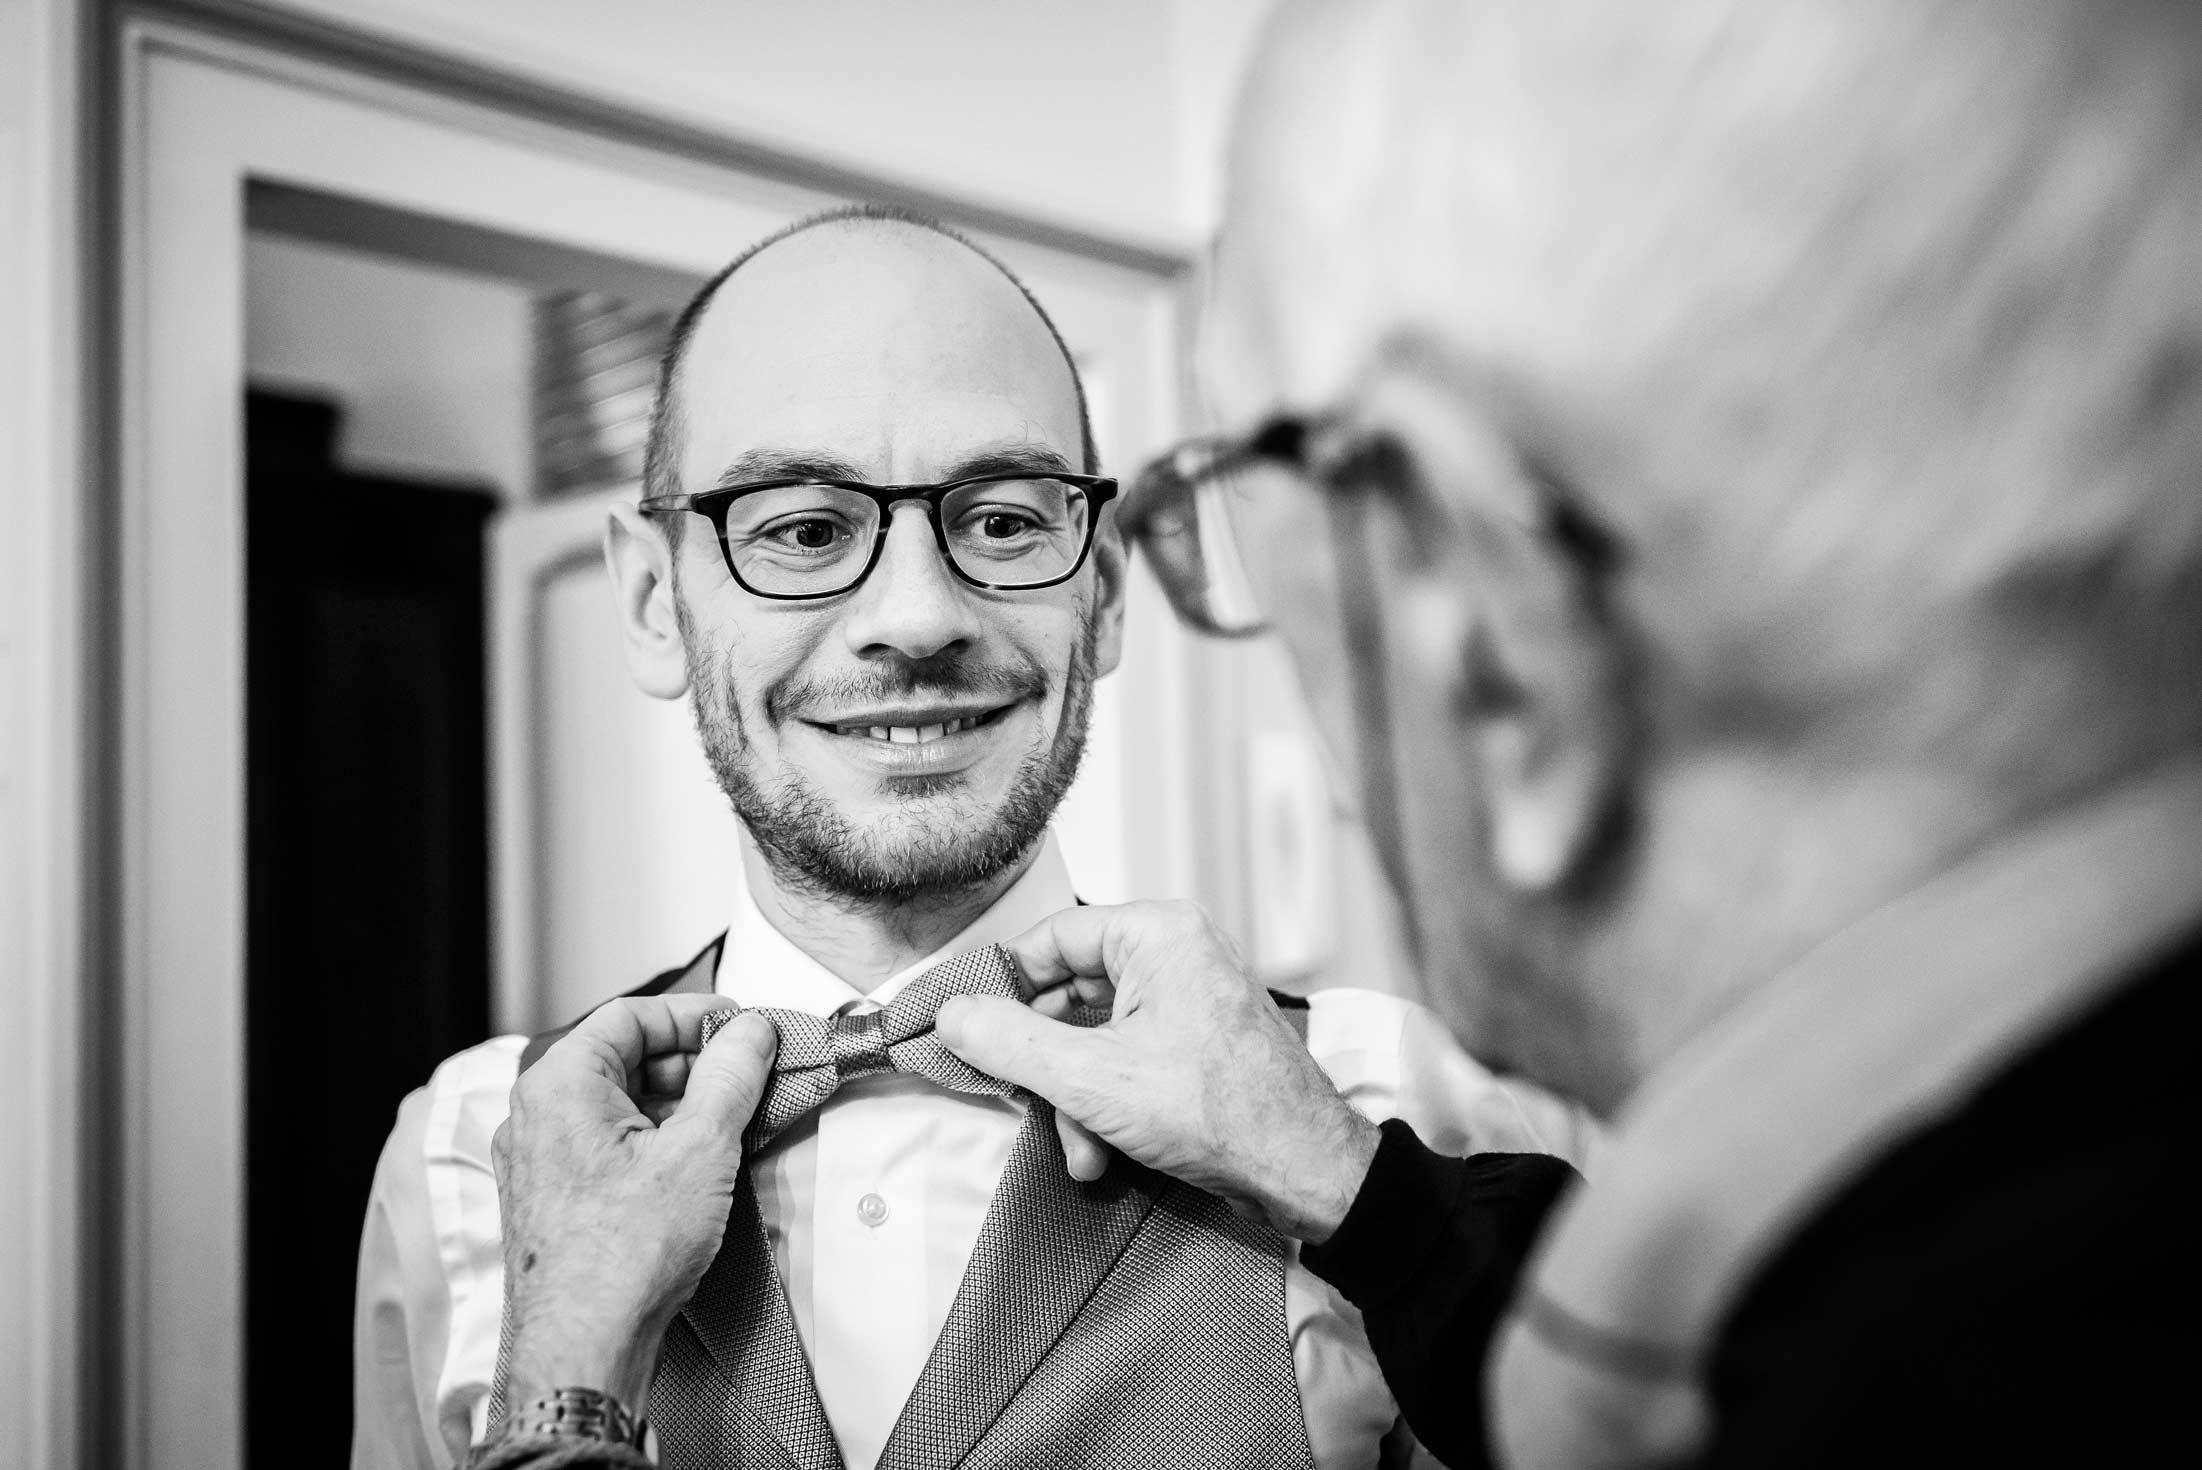 Fotografo-Di-Matrimonio-Reportage-Preparativi-Sposo